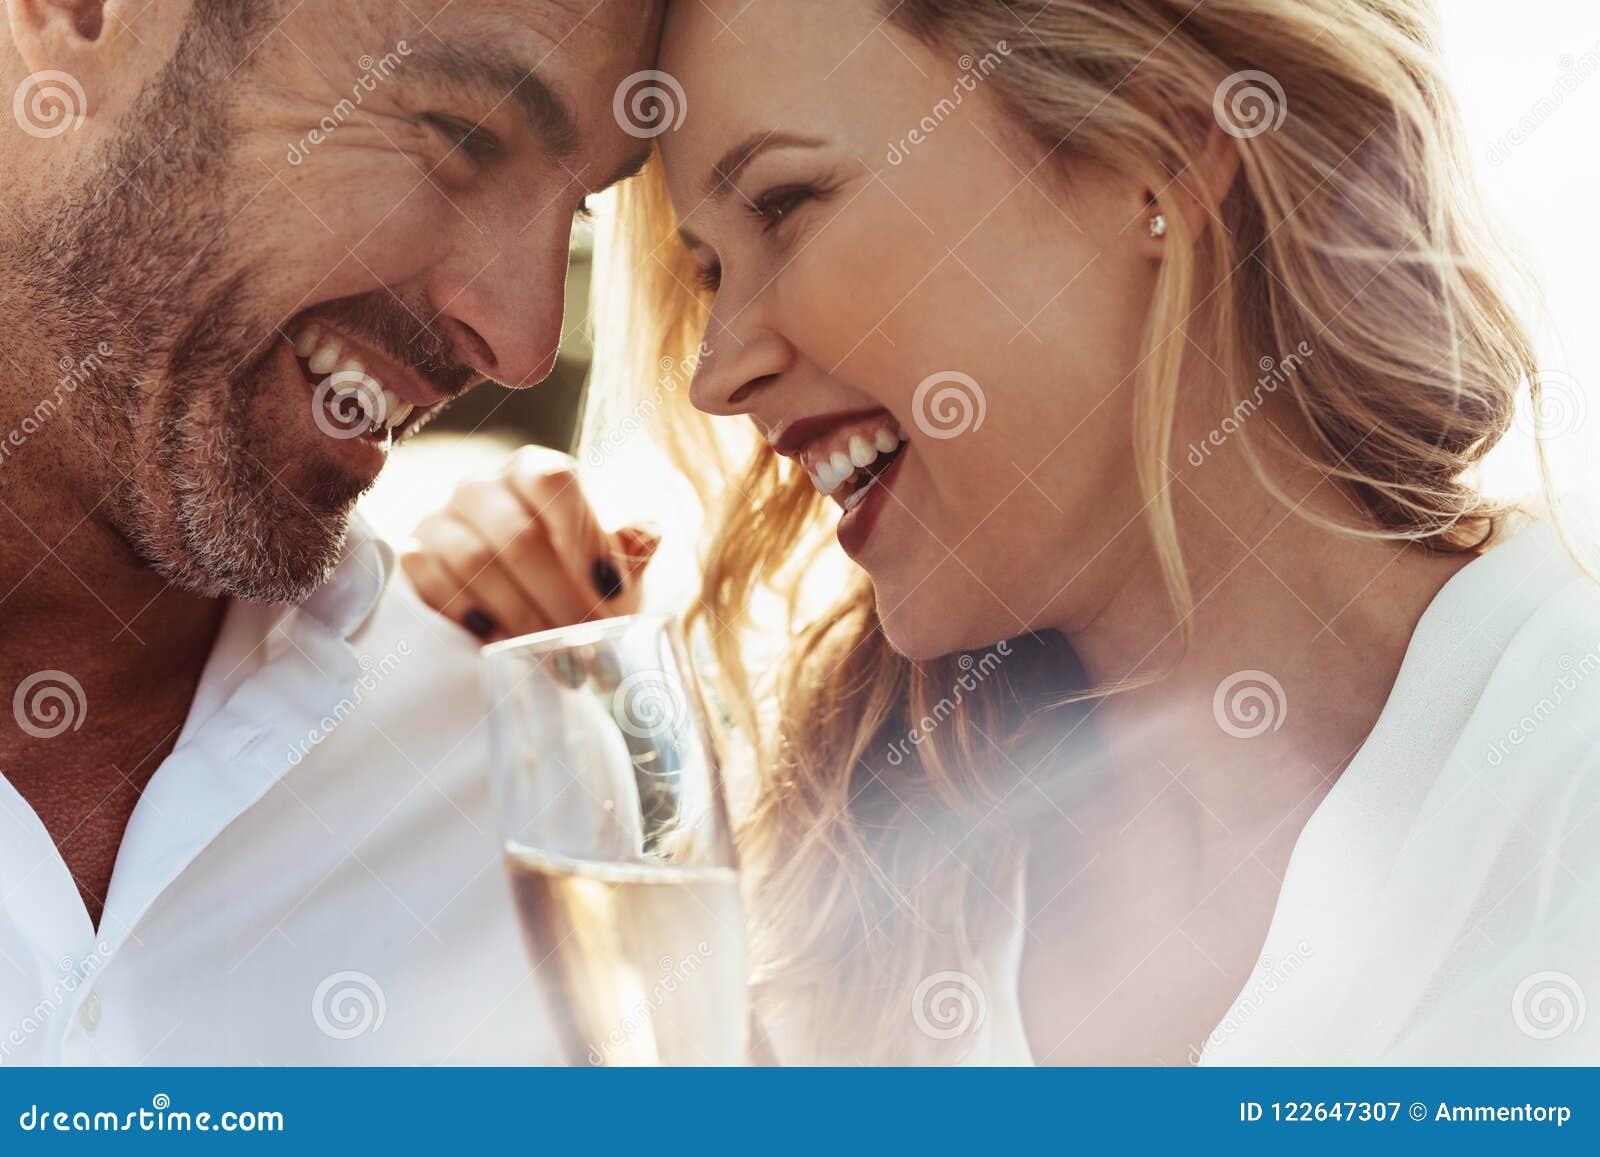 Loving Couple Enjoying Each Others Company